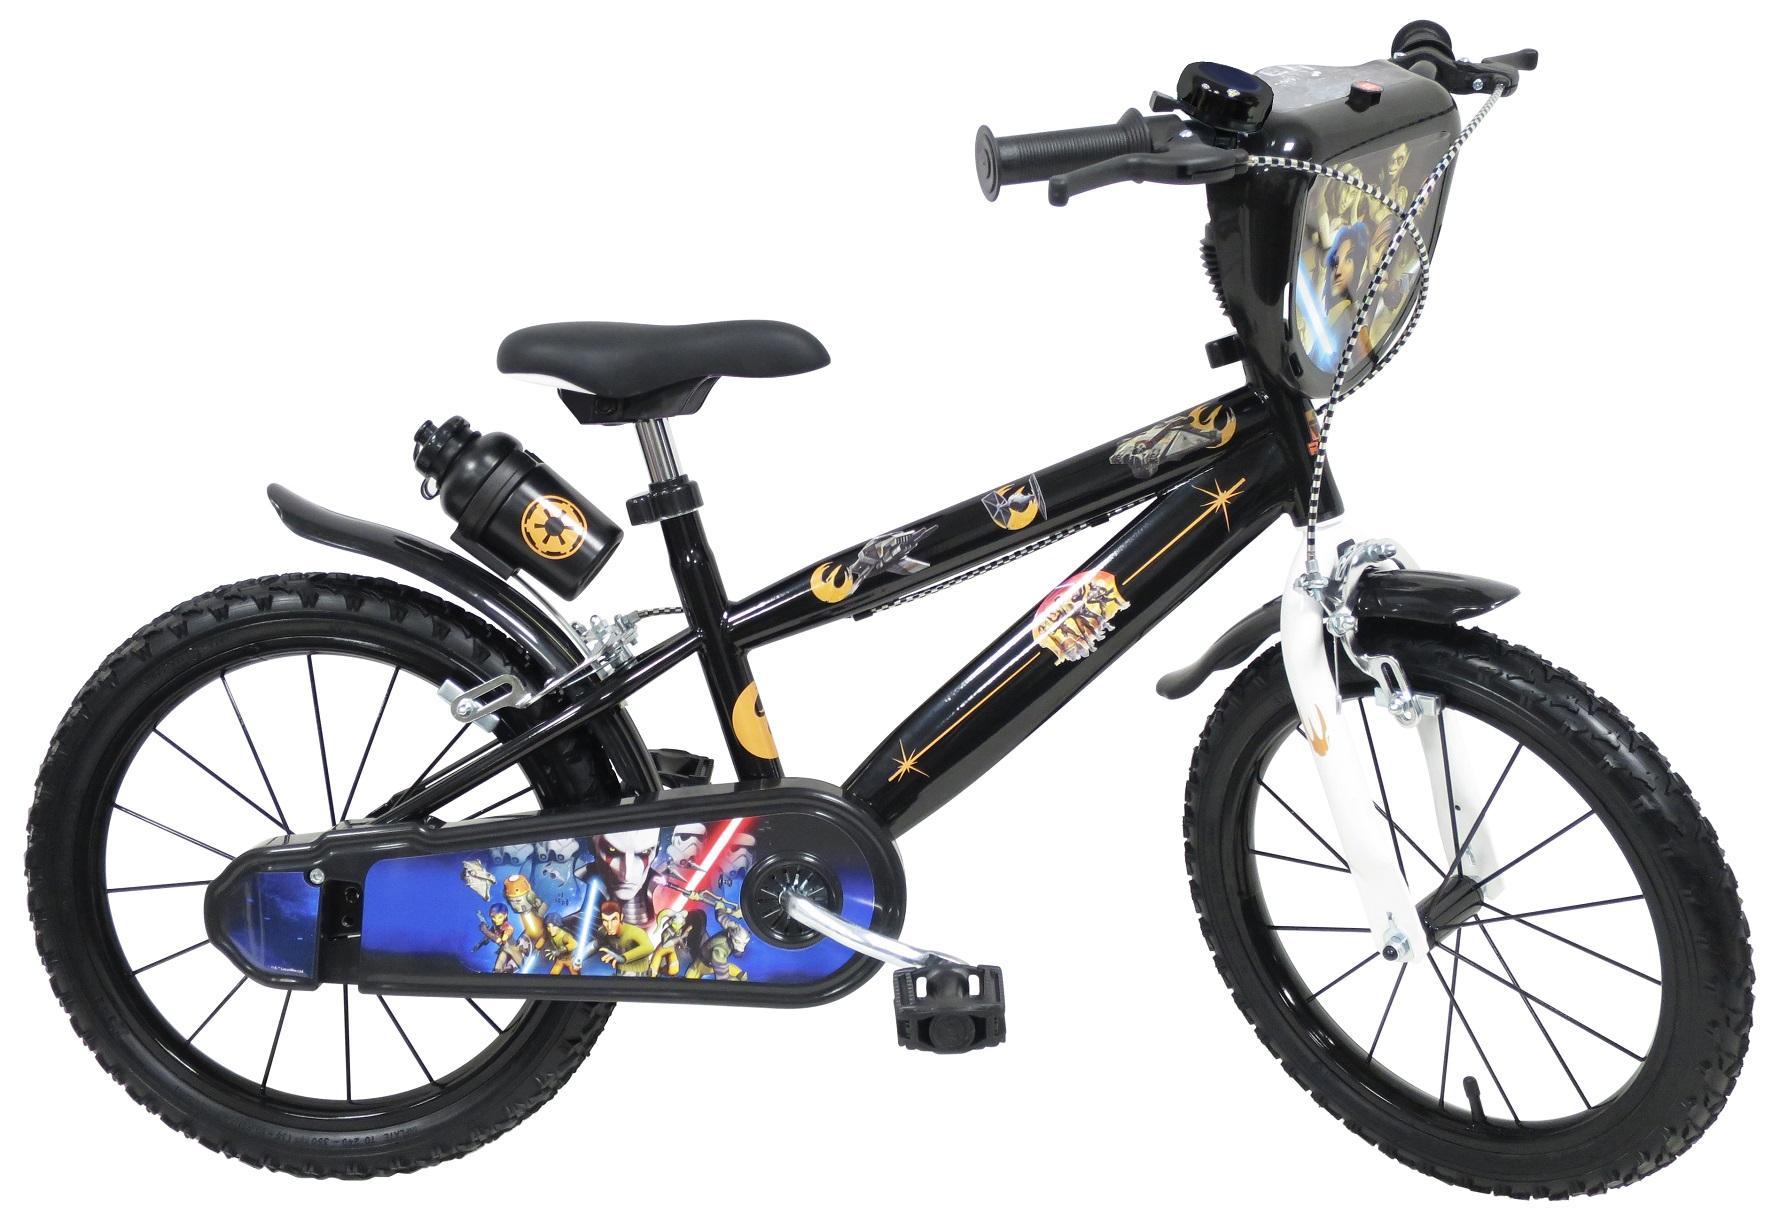 Bicicletta 16 Disney Star Wars Rebels 57 Anni